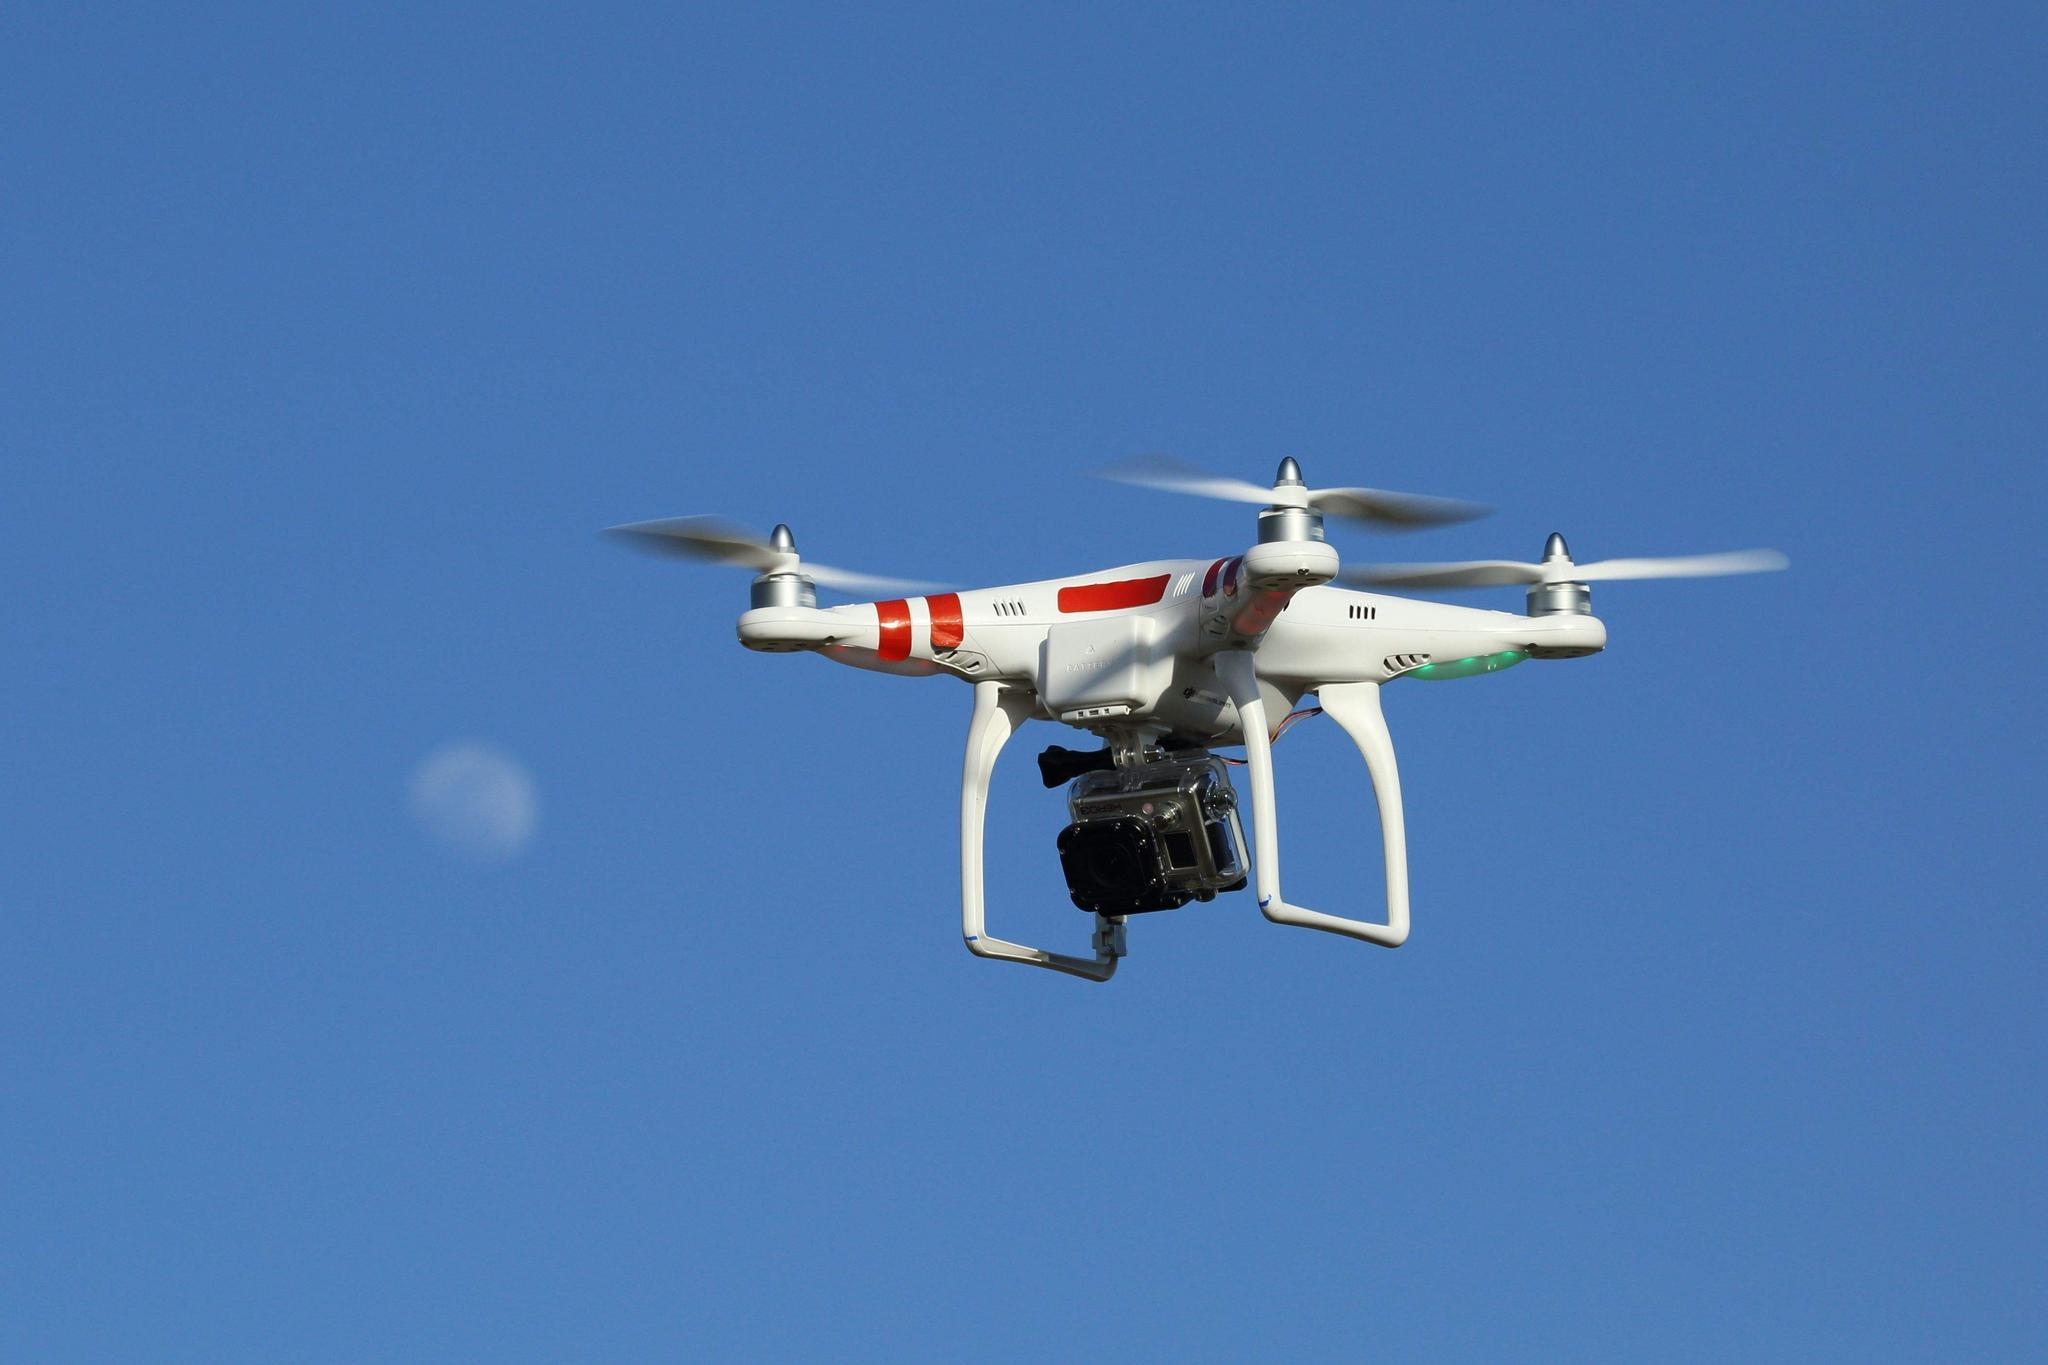 2021年,我国民用无人机发展又将走向何方?